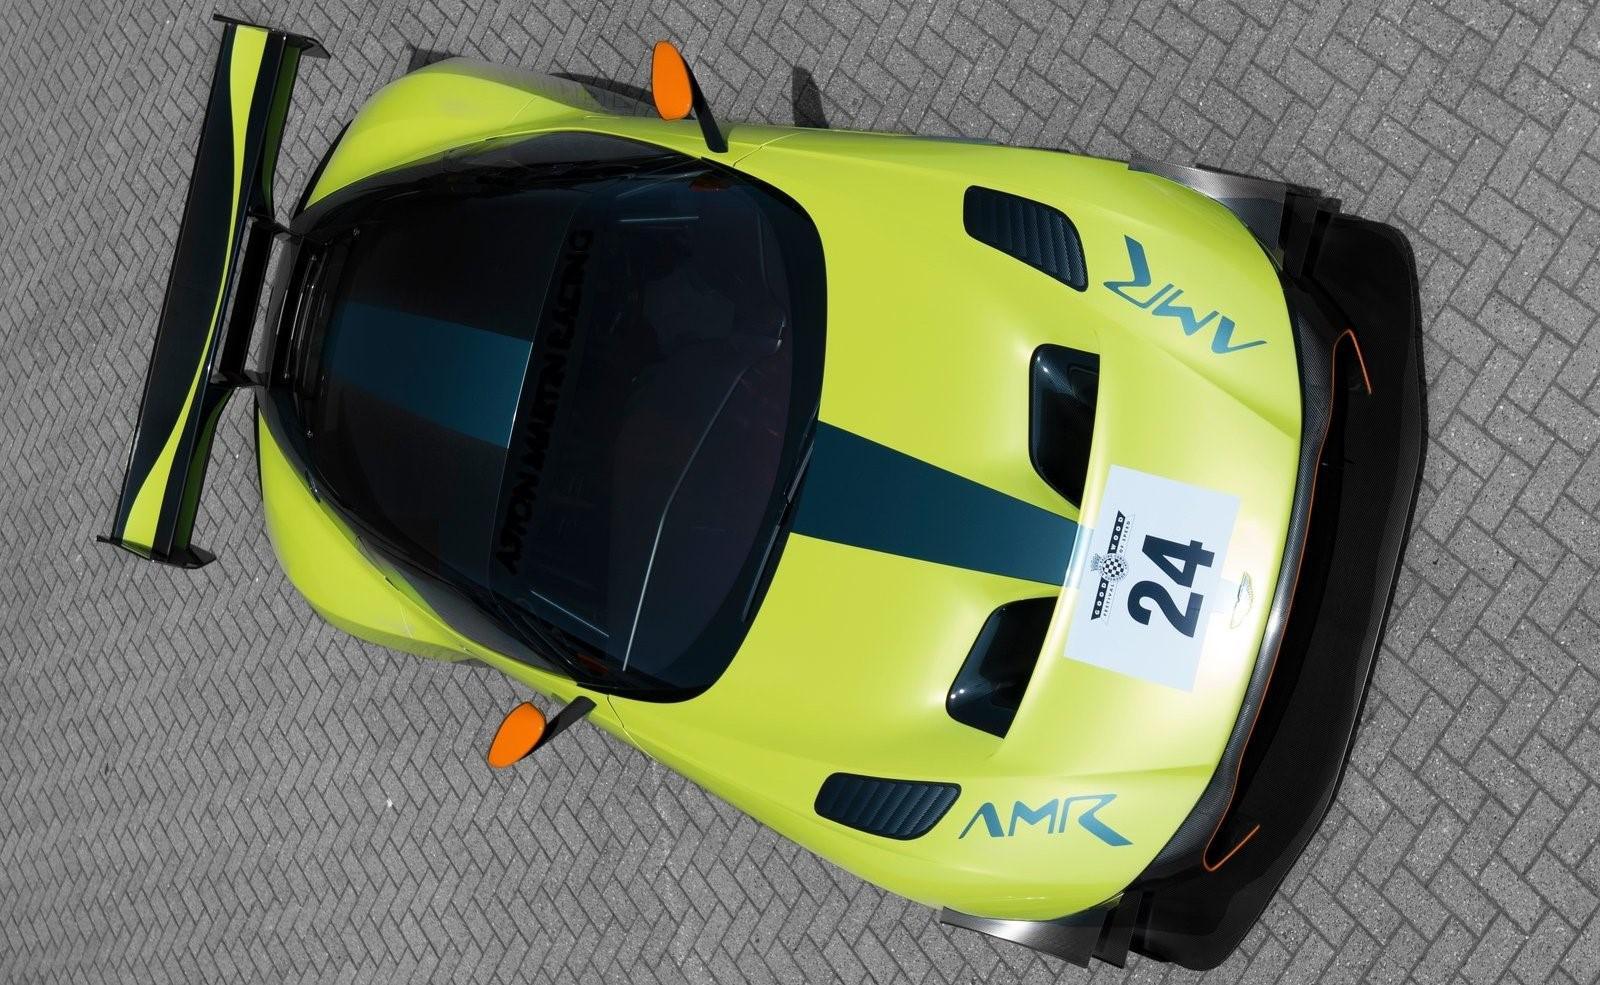 la-voiture-de-piste-la-plus-extreme-au-monde-aston-martin-vulcan-amr-pro-1308-14.jpg